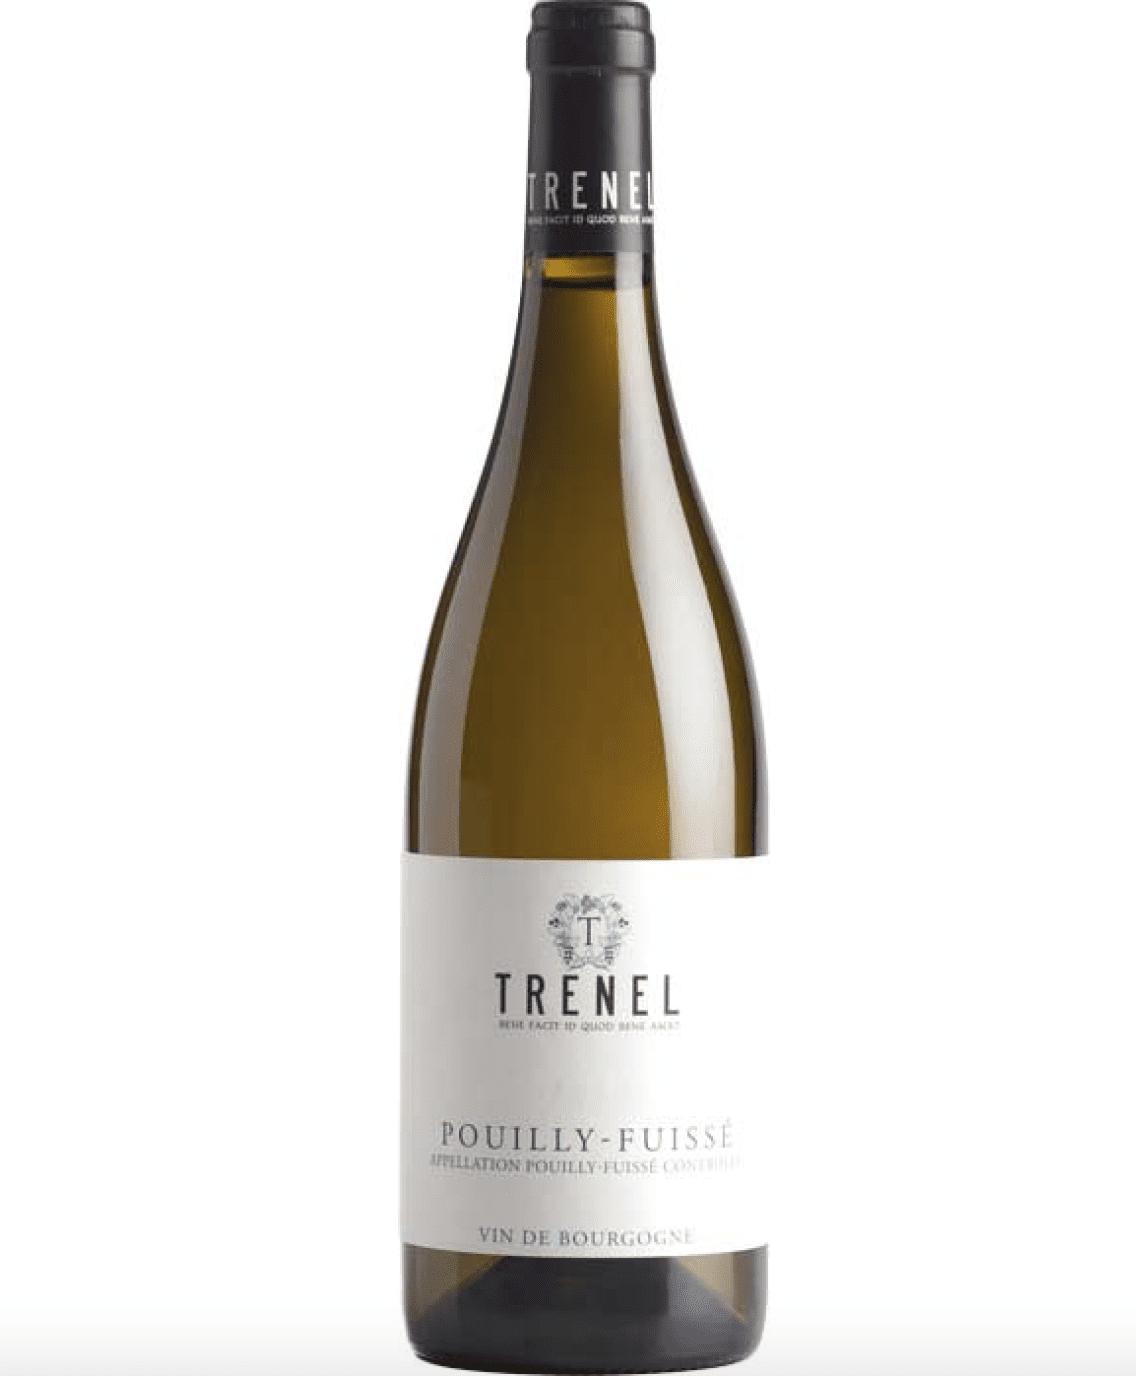 Pouilly-Fuissé blanc 2018-Trenel